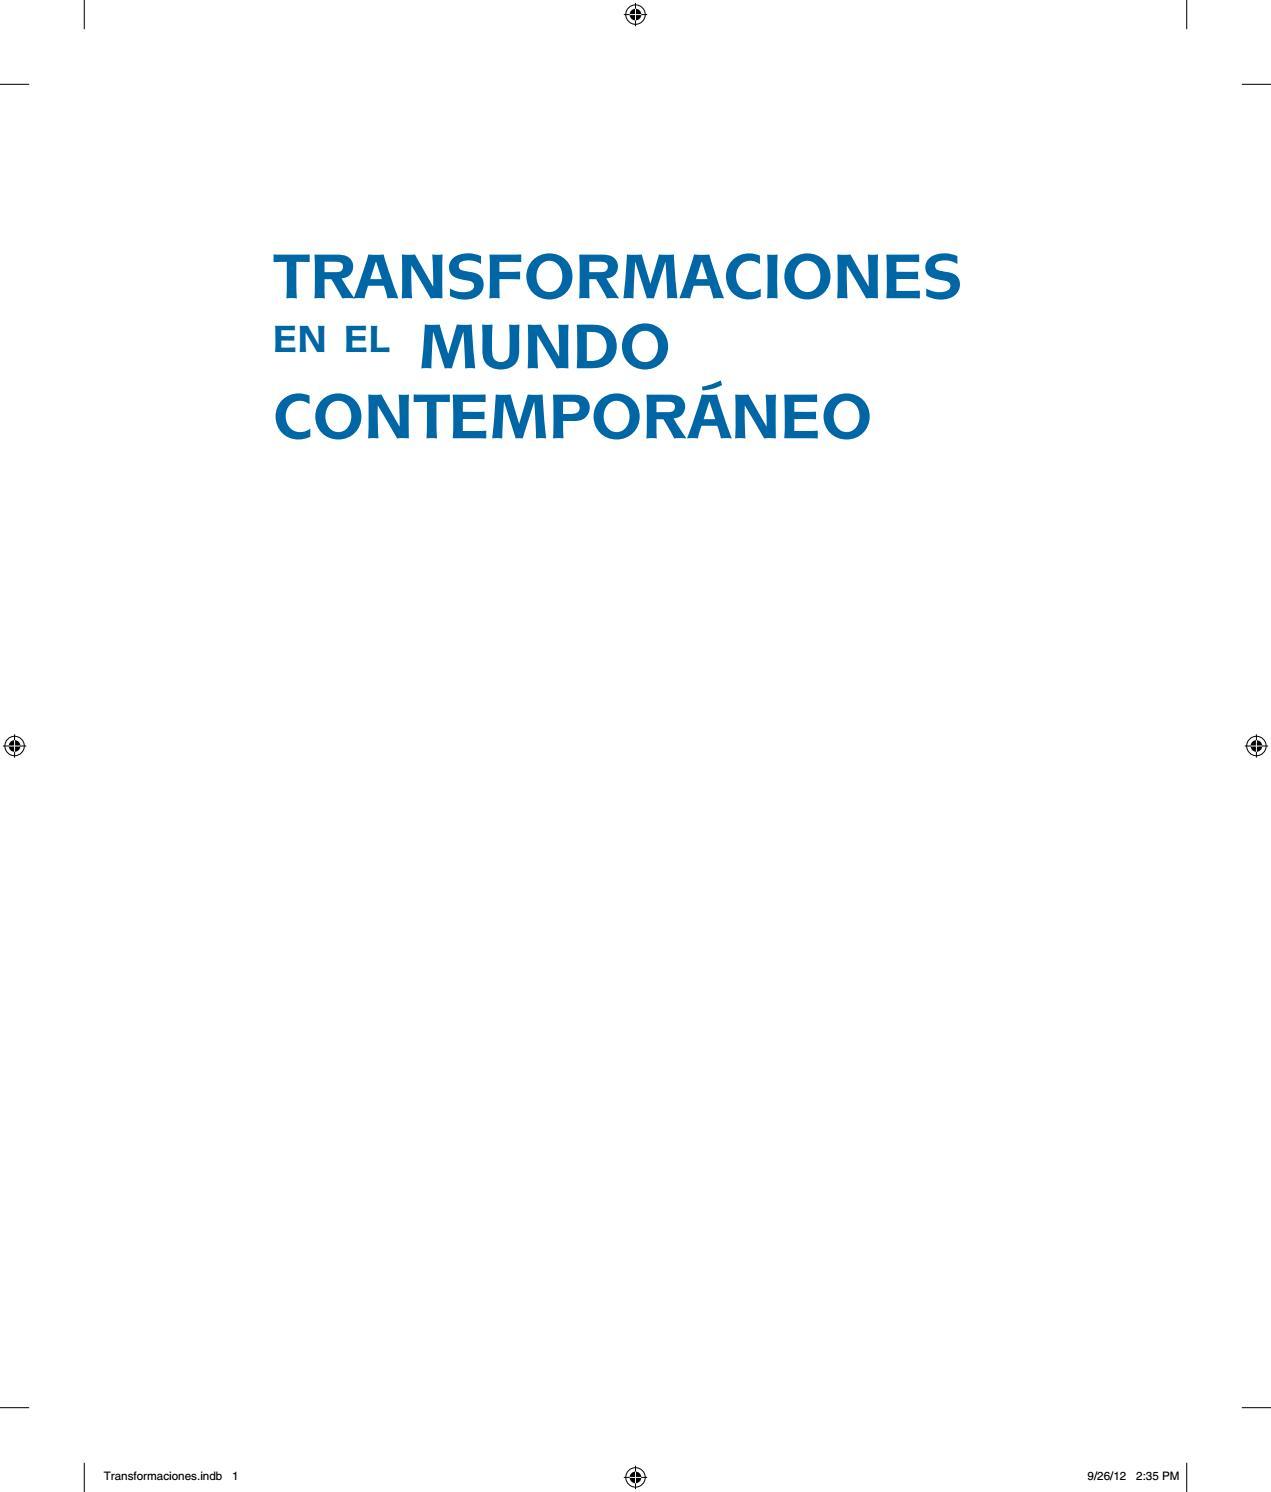 Libro transformaciones en el mundo contemporaneo by Erica Cortes - issuu